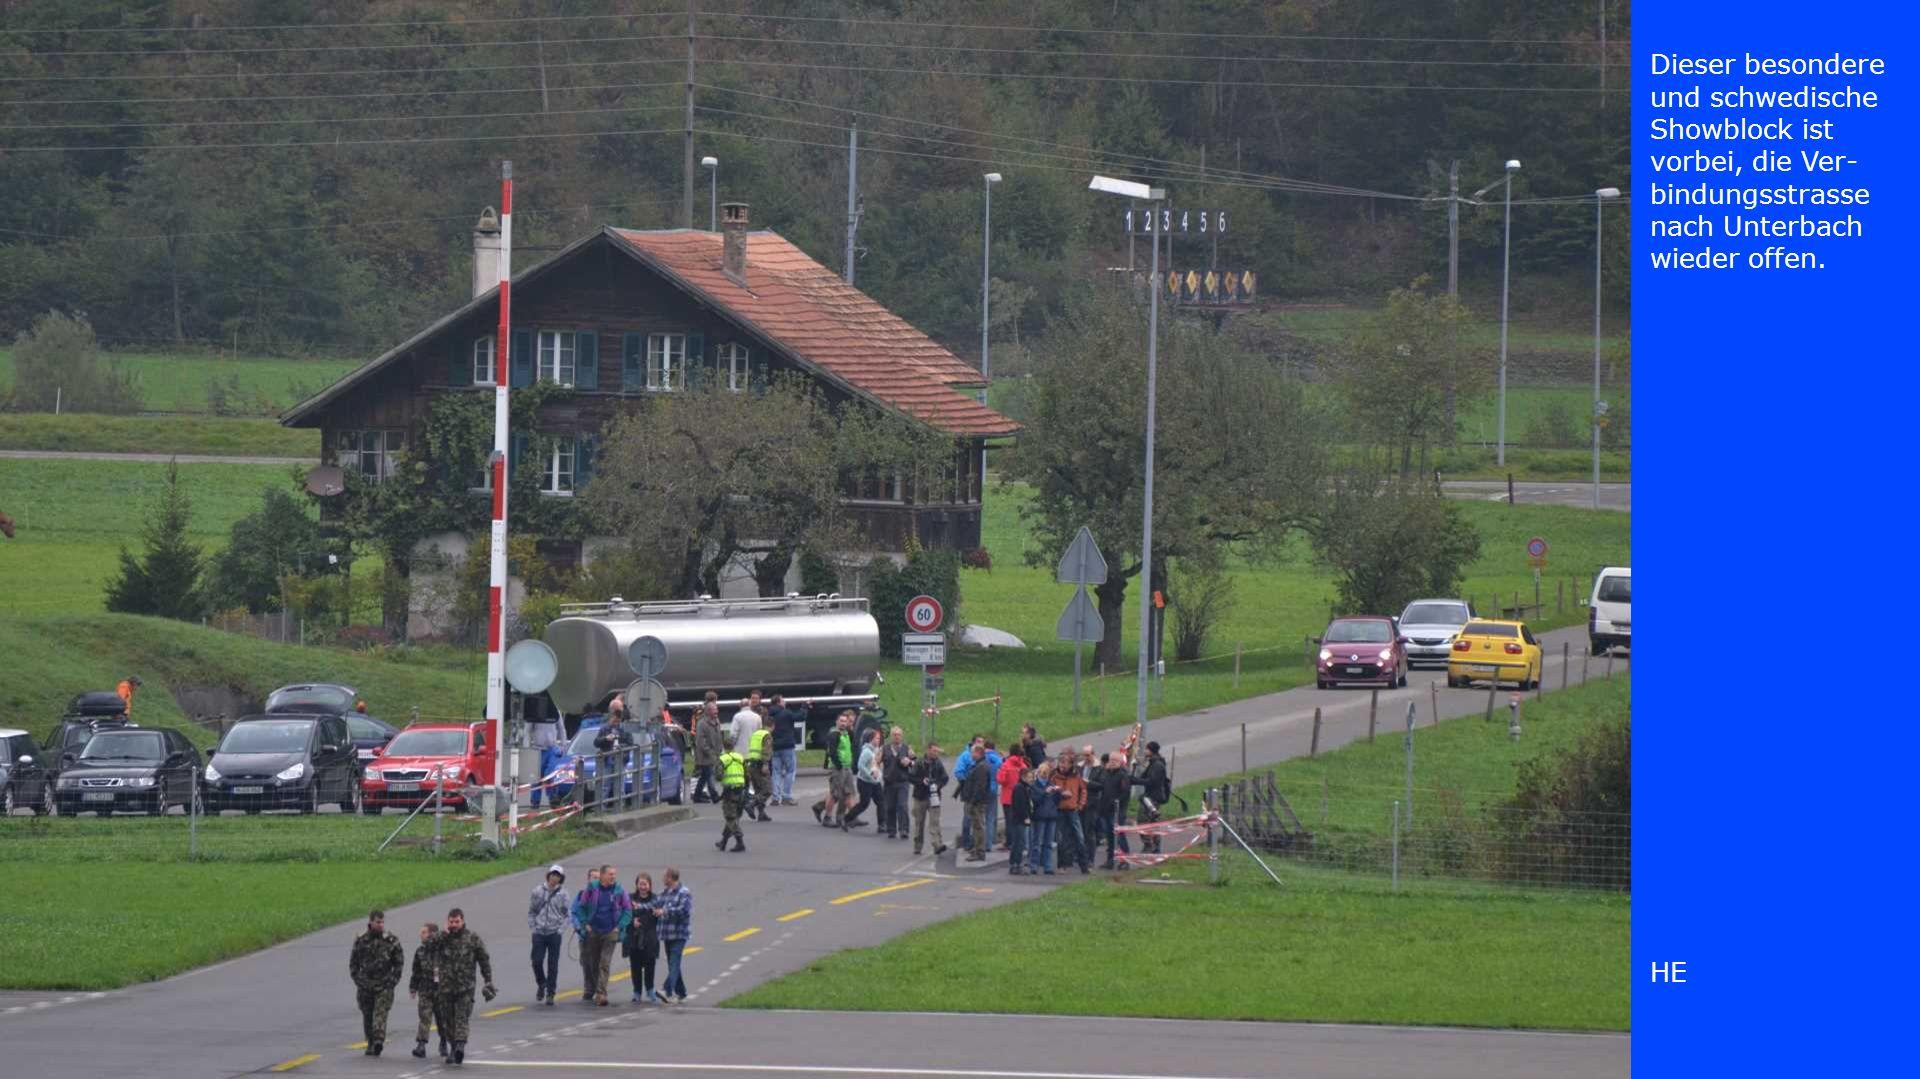 Dieser besondere und schwedische Showblock ist vorbei, die Ver-bindungsstrasse nach Unterbach wieder offen.